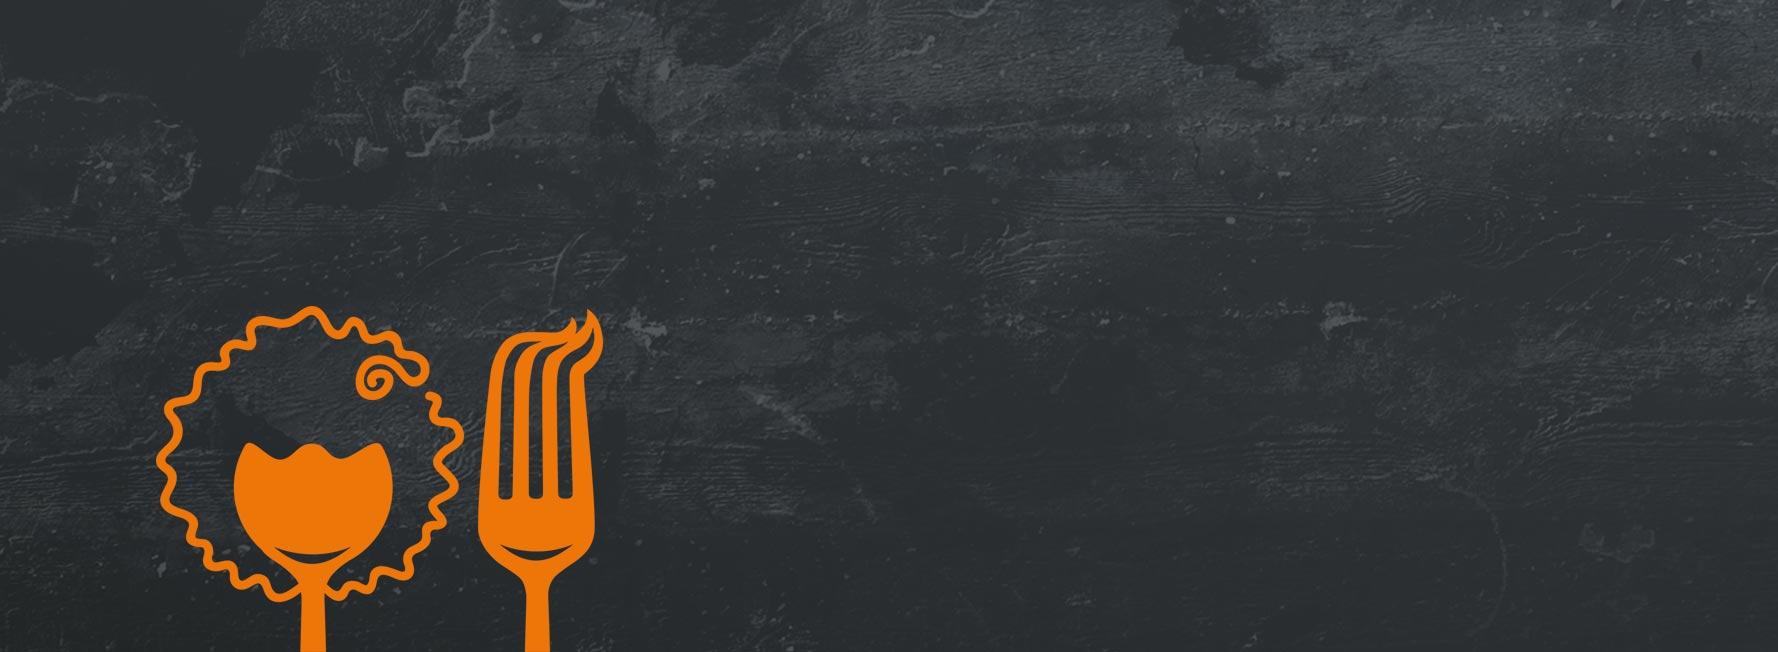 Création de logo pour le restaurant WCTD